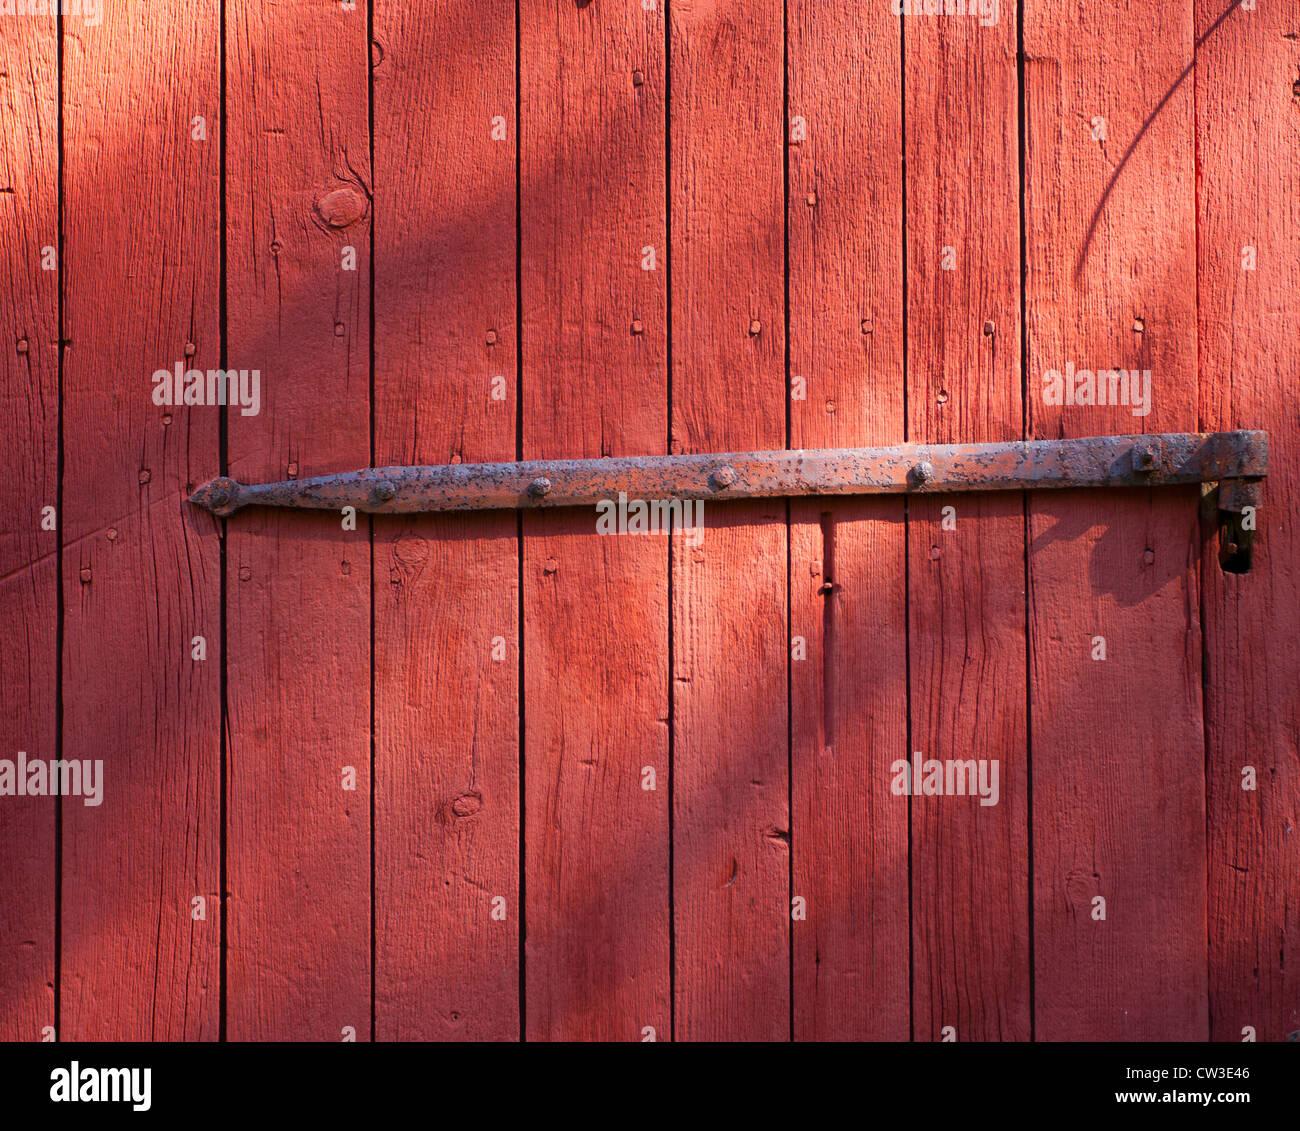 A Hinge On An Old Barn Door